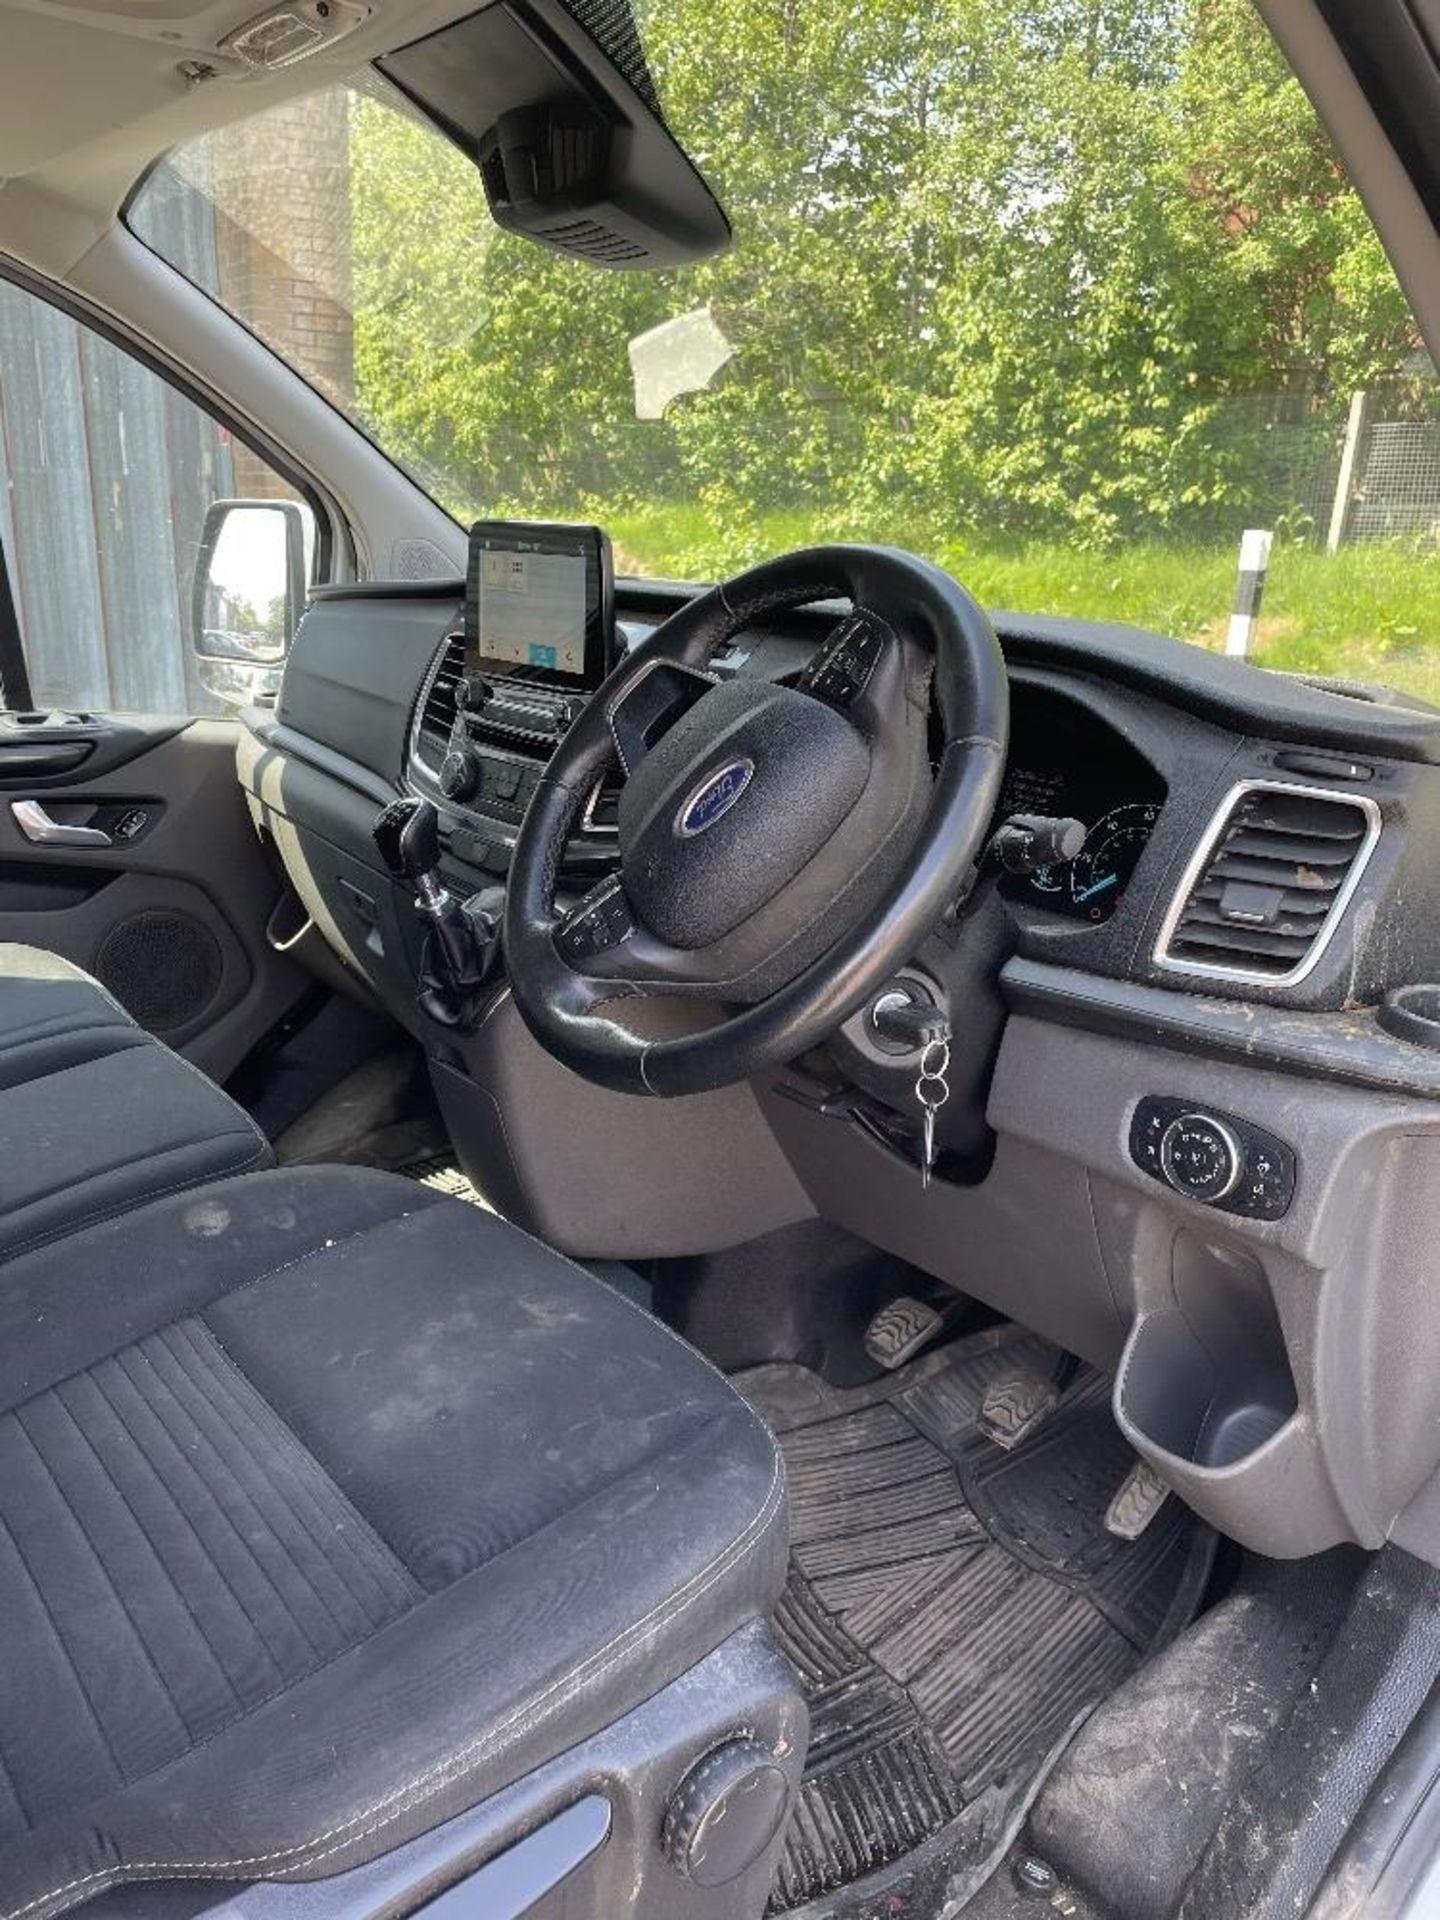 Ford Transit Custom 300 Limite Diesel Panel Van | 18 Plate | 35,672 Miles - Image 11 of 15